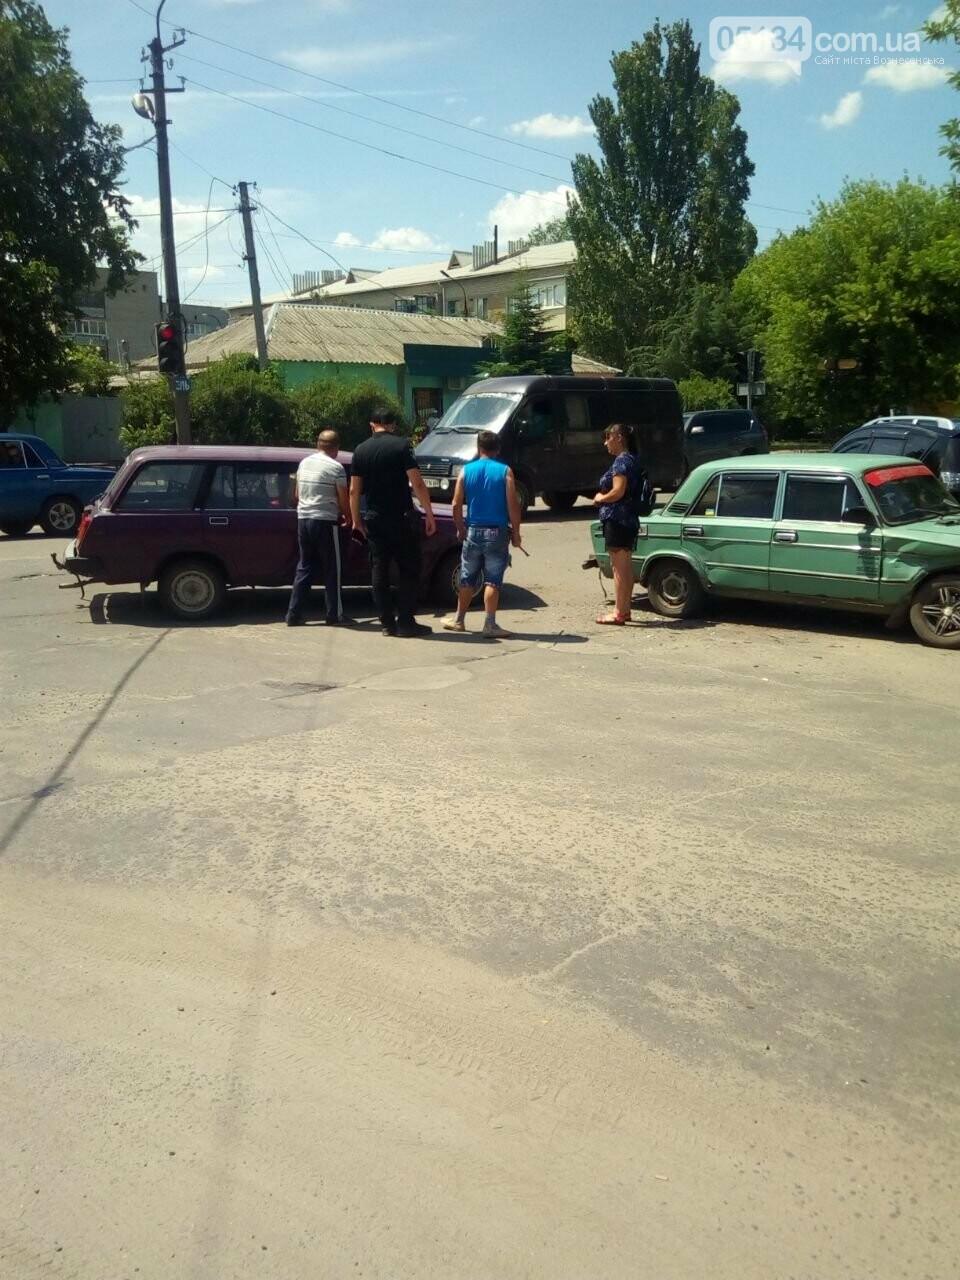 ДТП в центрі Вознесенська - водії не поділили перехрестя, - ФОТО, фото-1